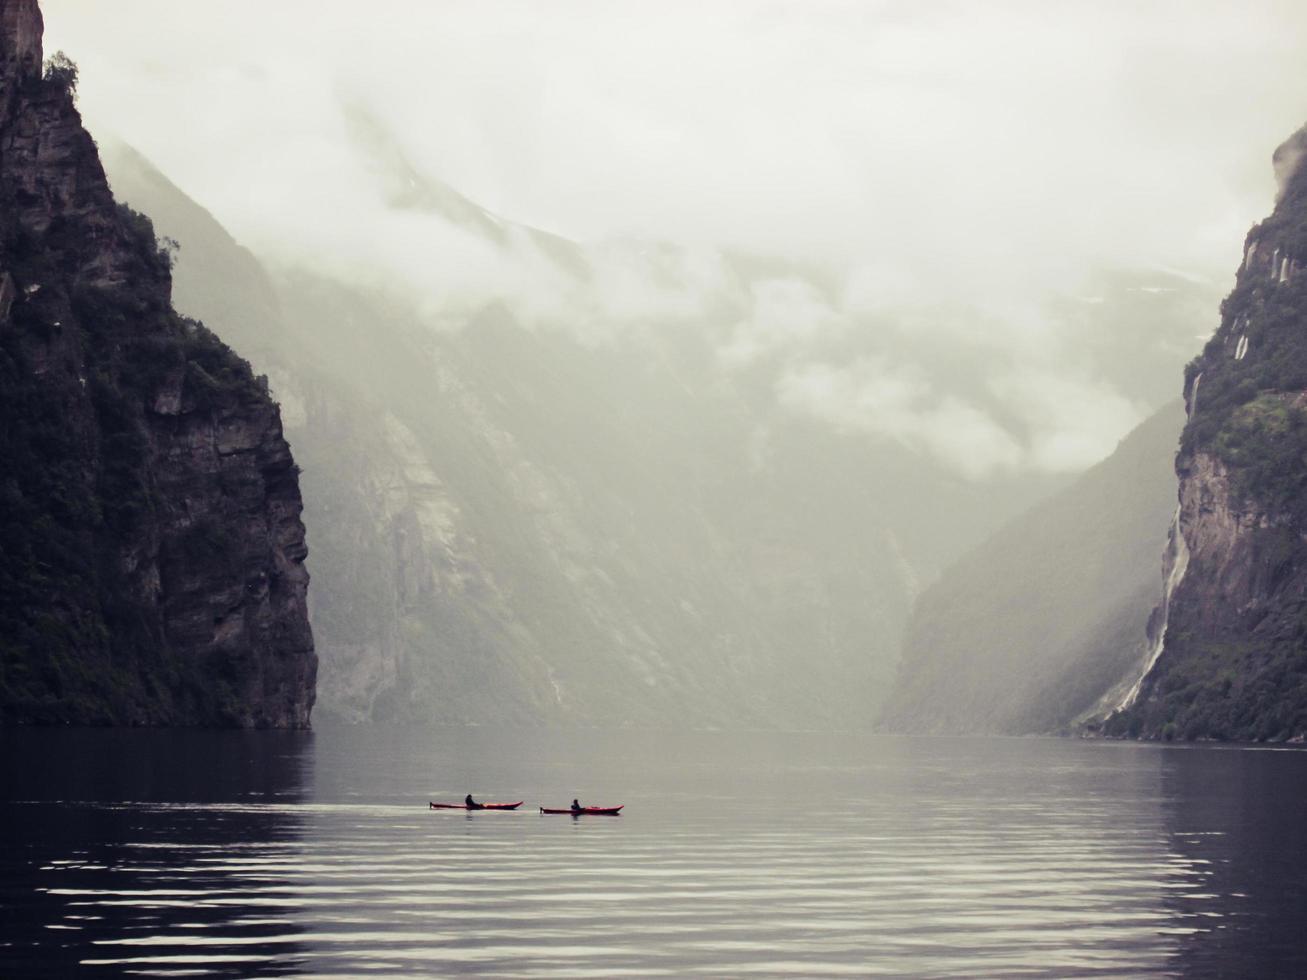 Vista panorámica de dos kayakistas en el lago en Noruega foto